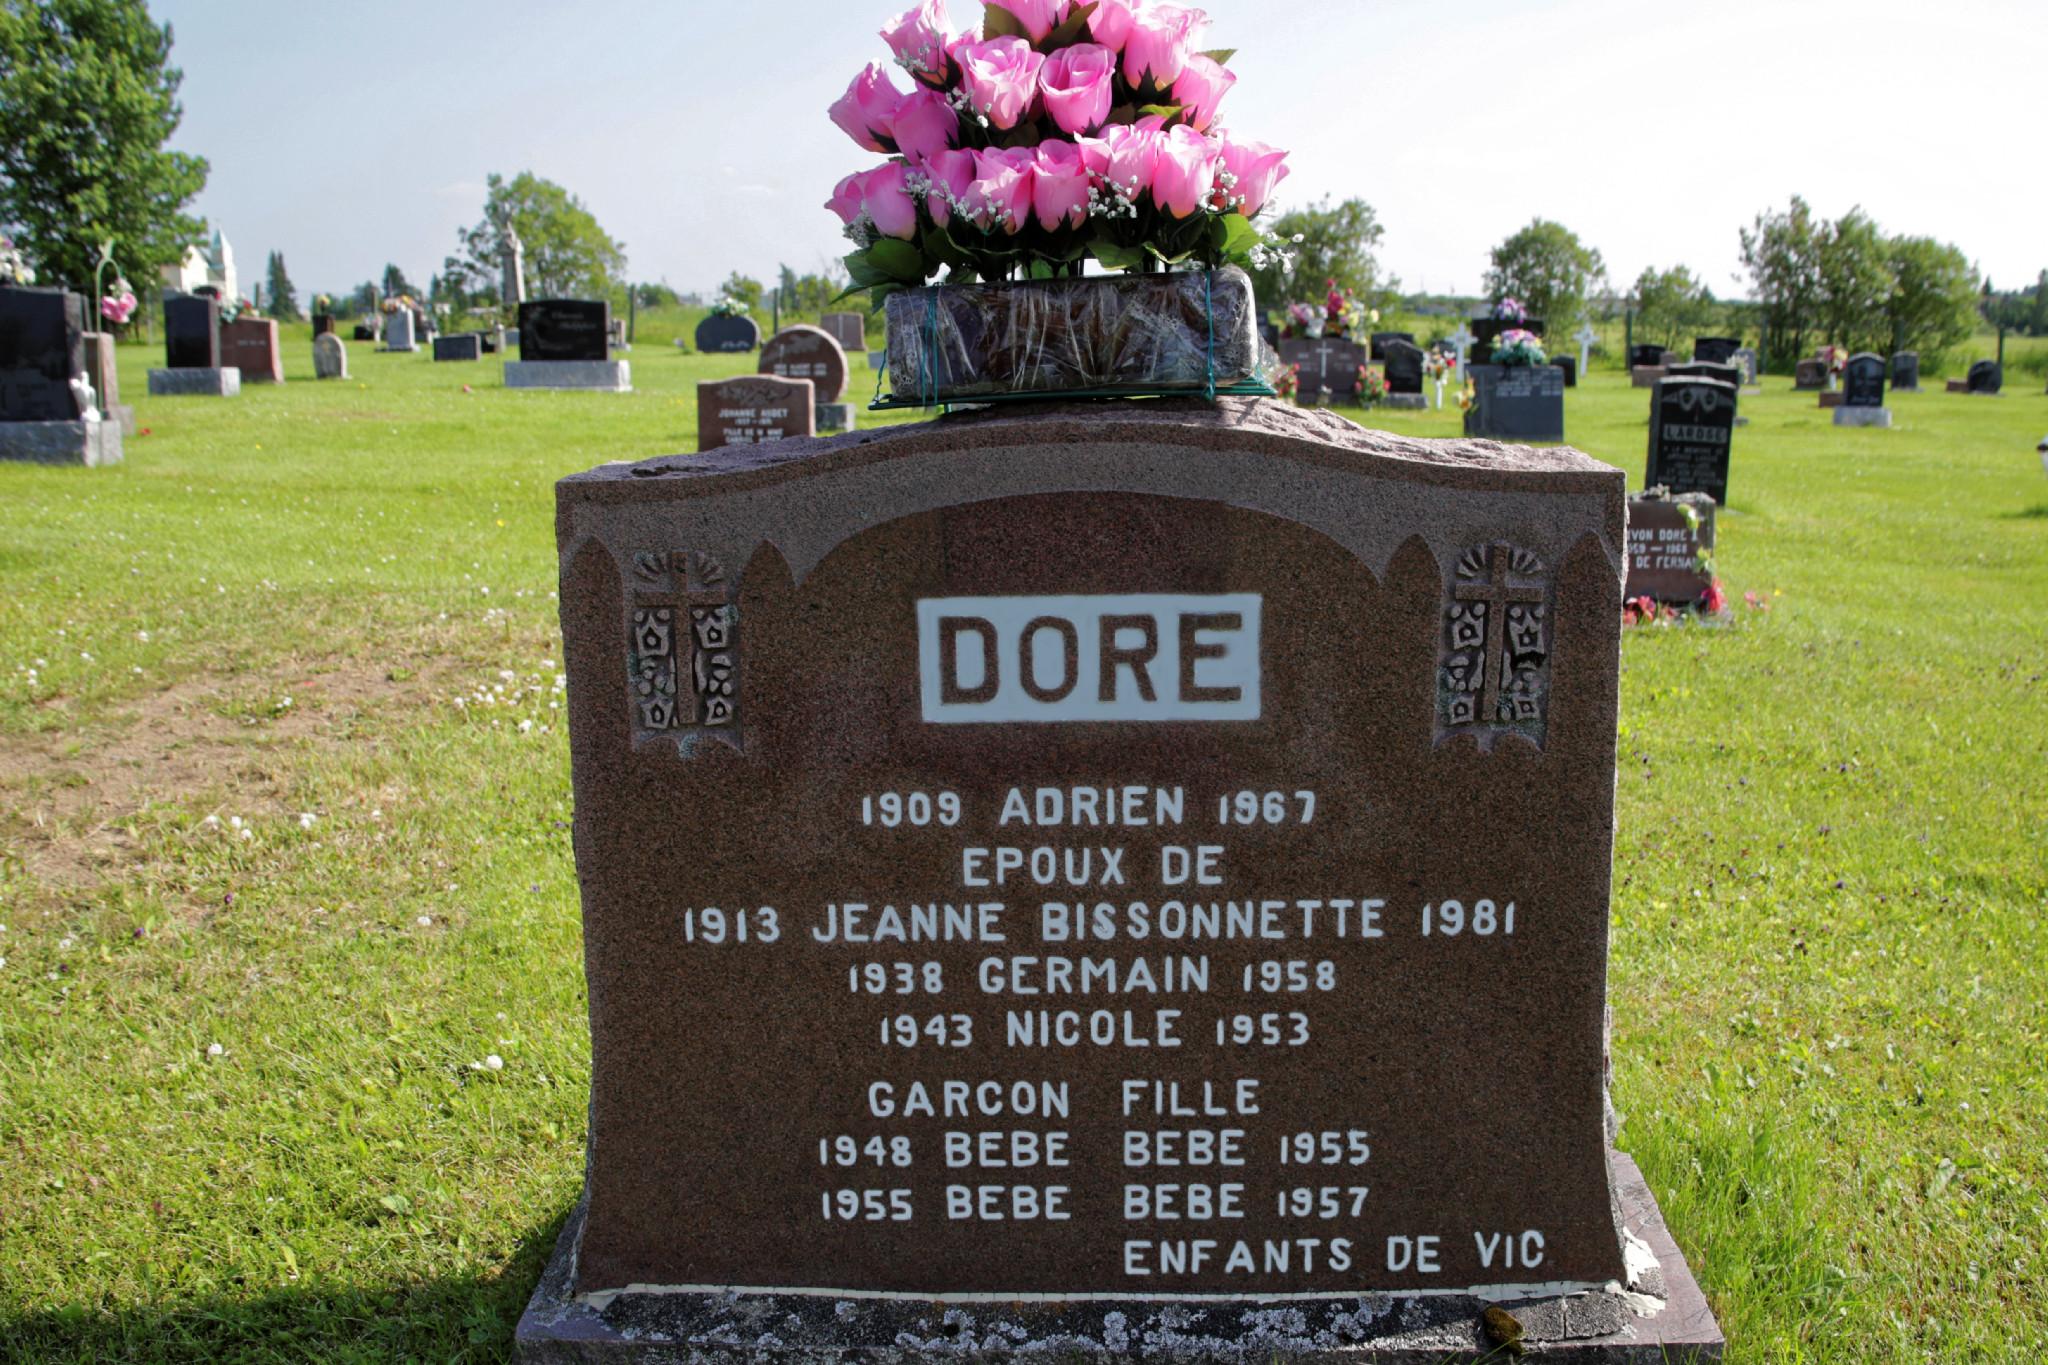 Adrien Doré